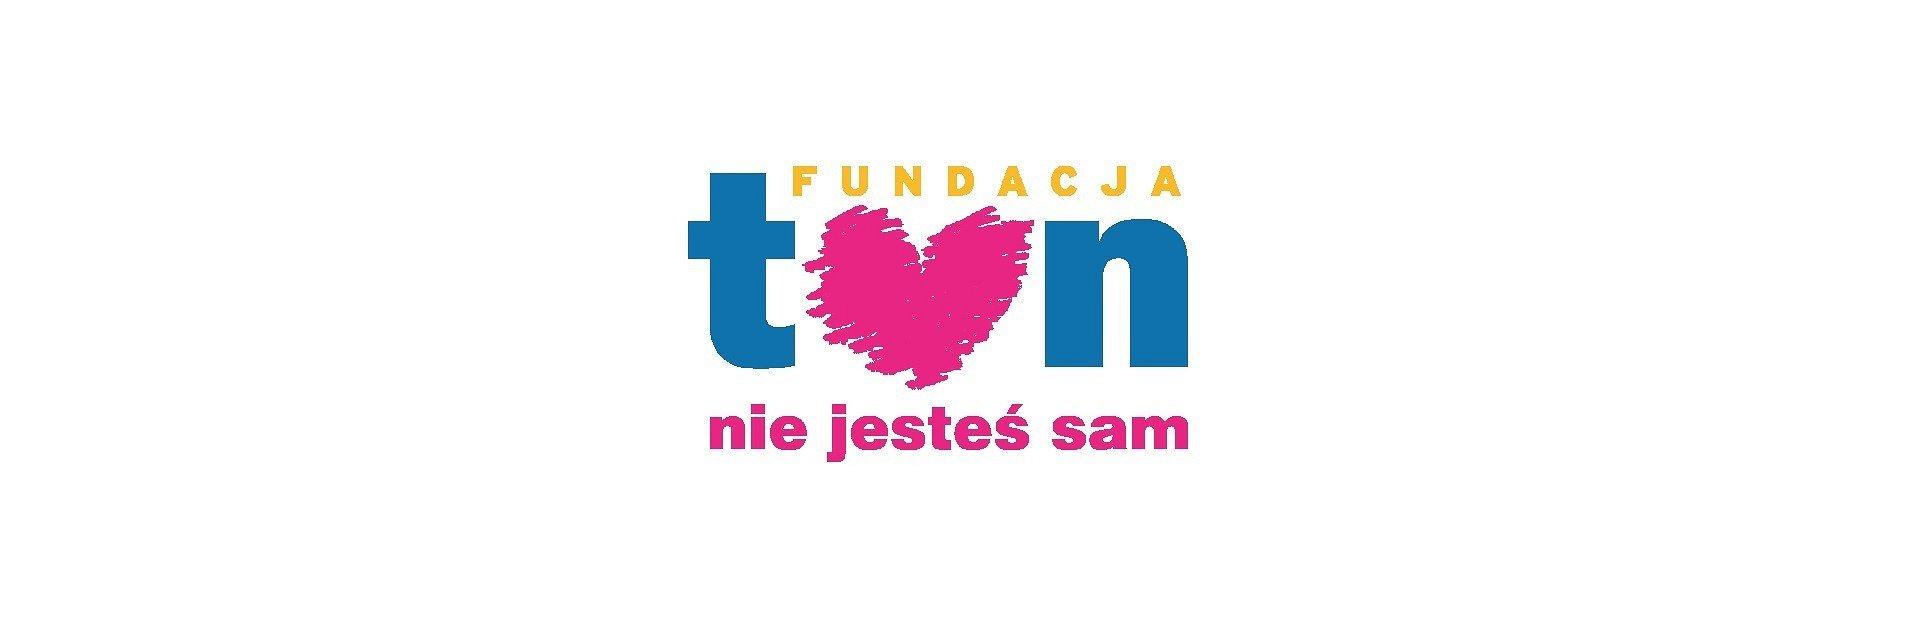 """Fundacja TVN """"nie jesteś sam"""" przekazuje 1 mln złotych na walkę z koronawirusem"""